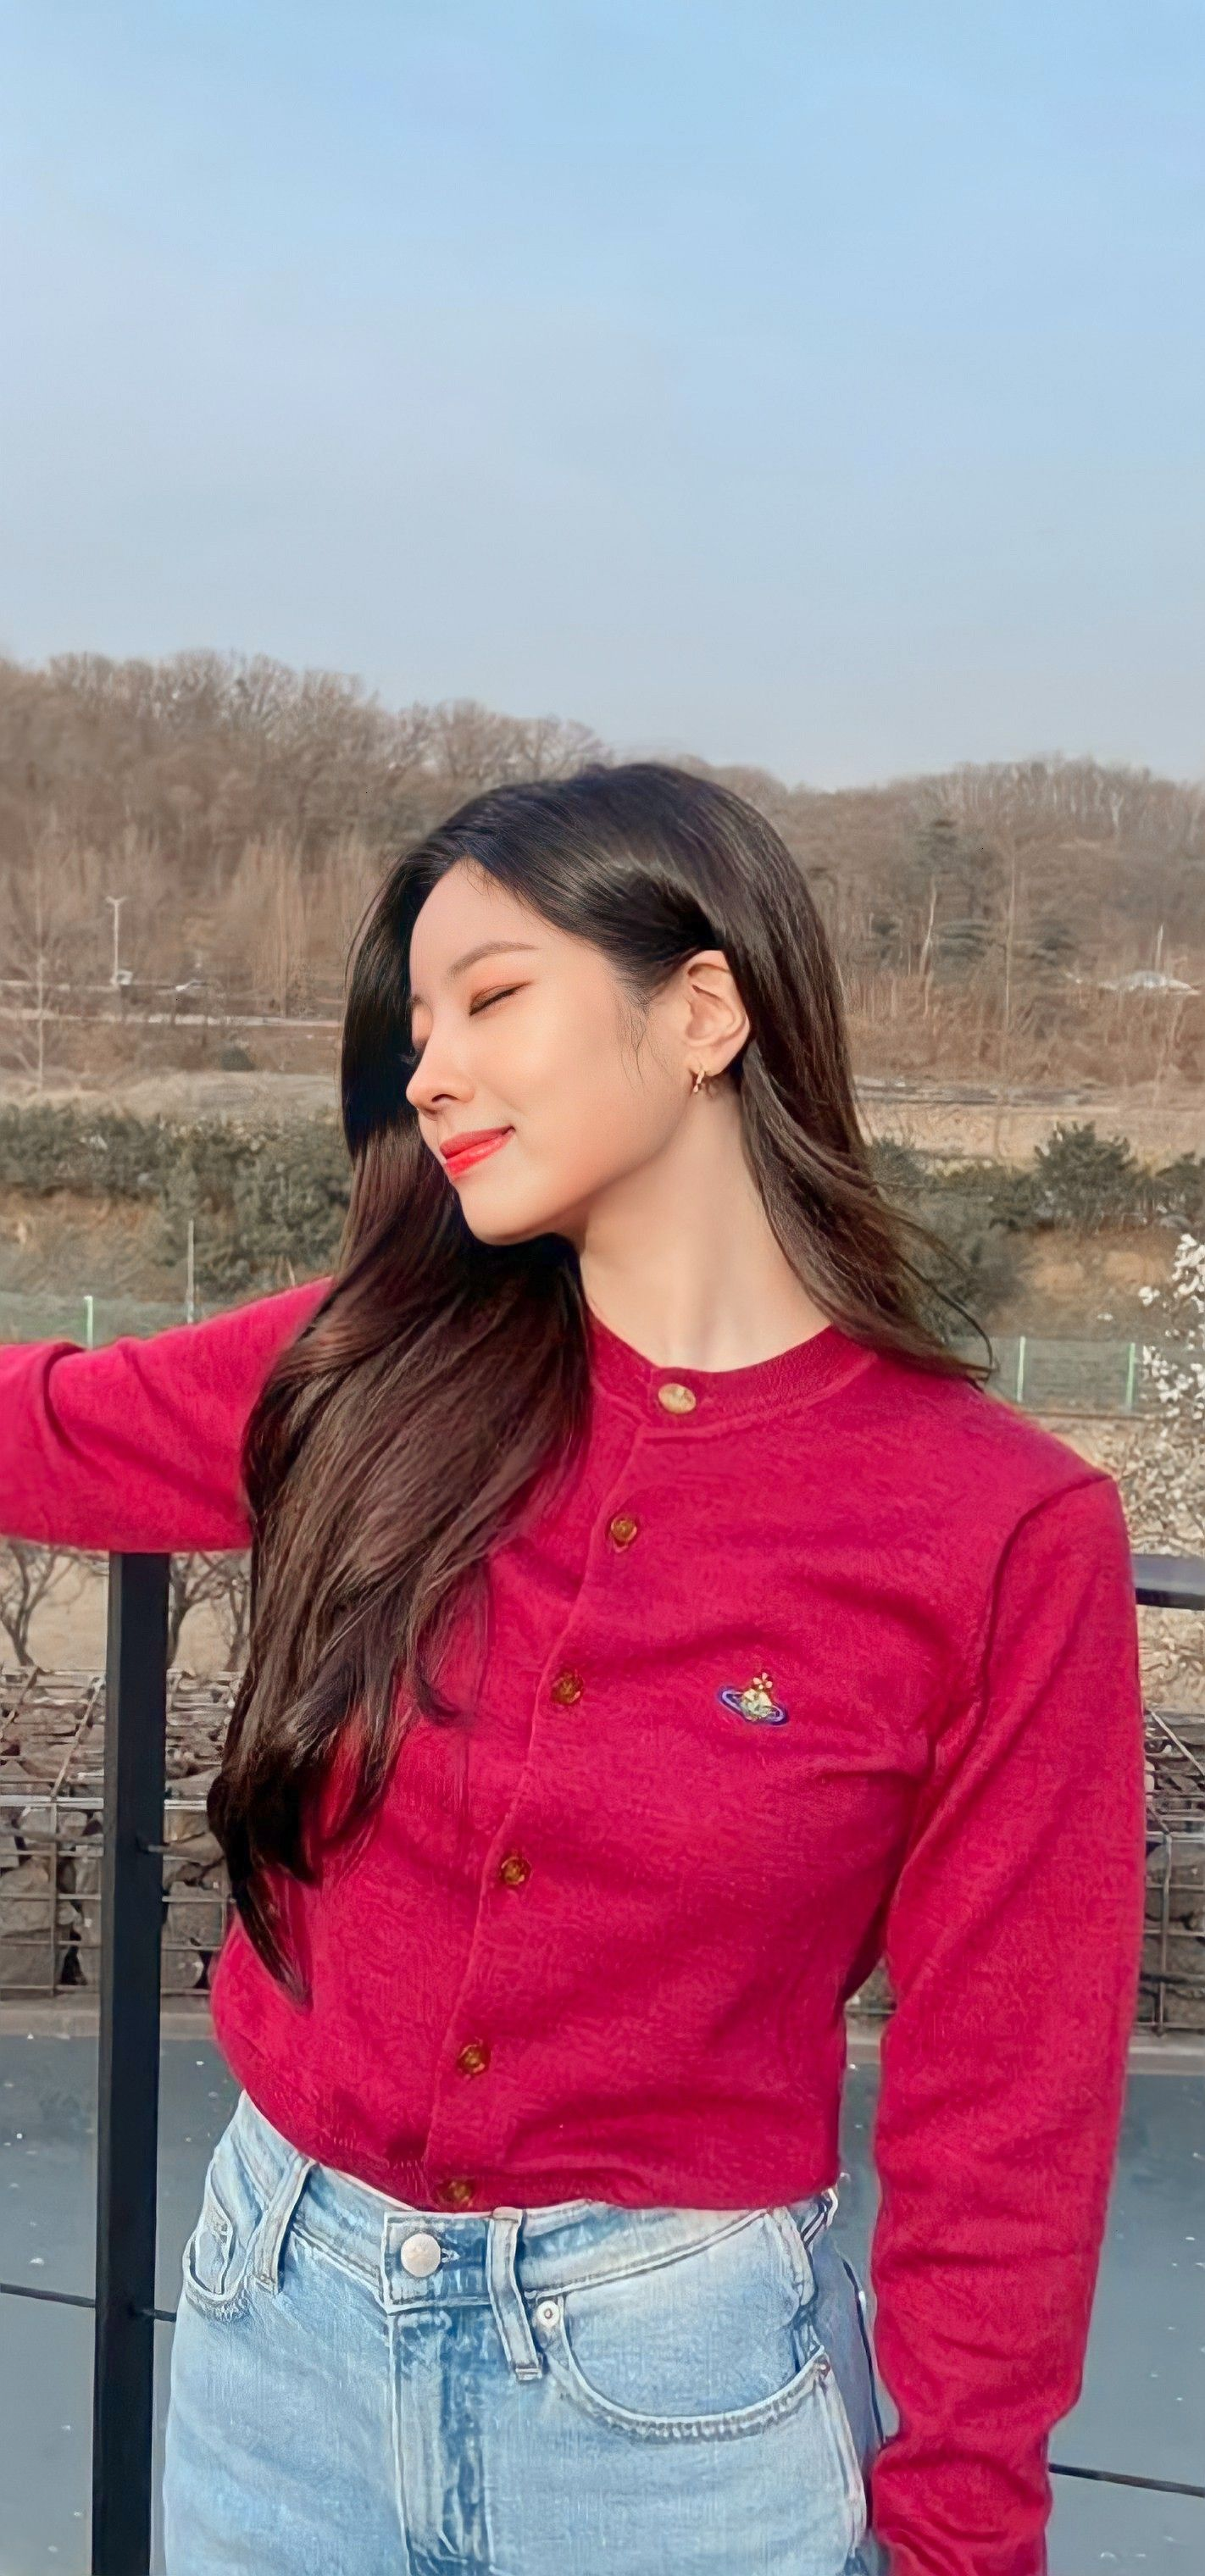 Pin oleh k r y s t a l di Beauty + Fashion :) (Dengan